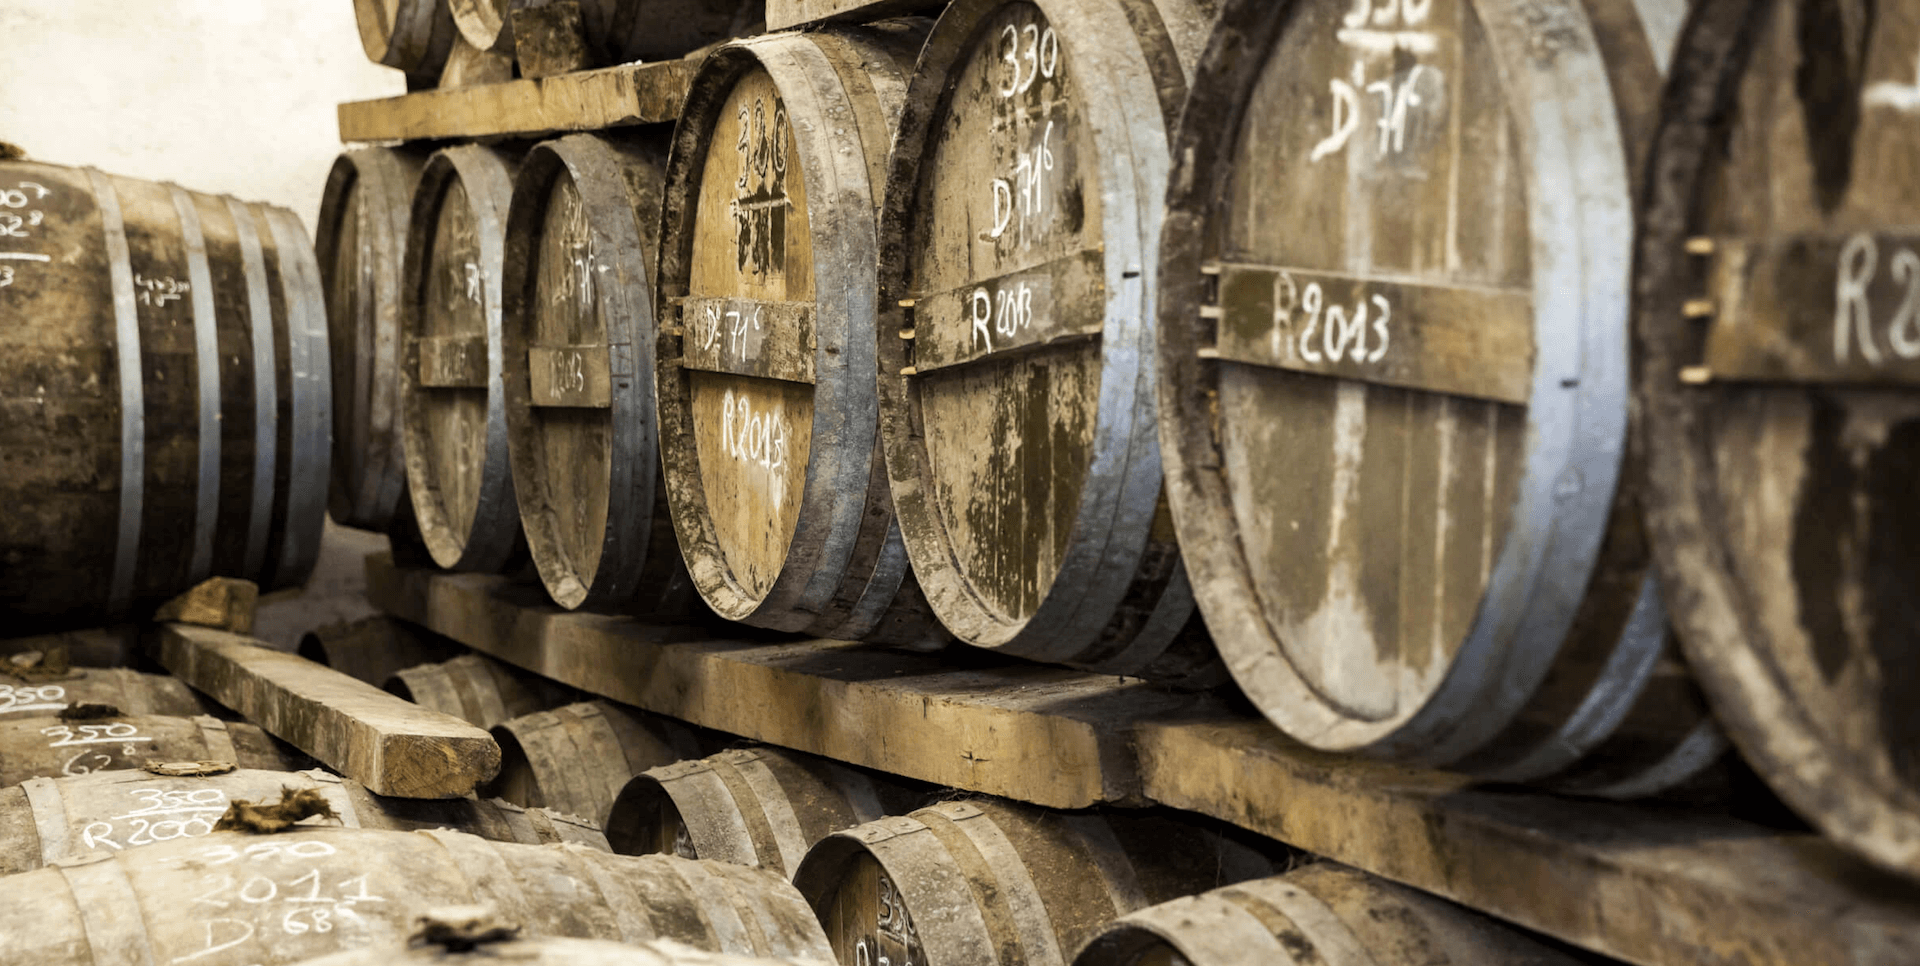 raby cognac tonneaux